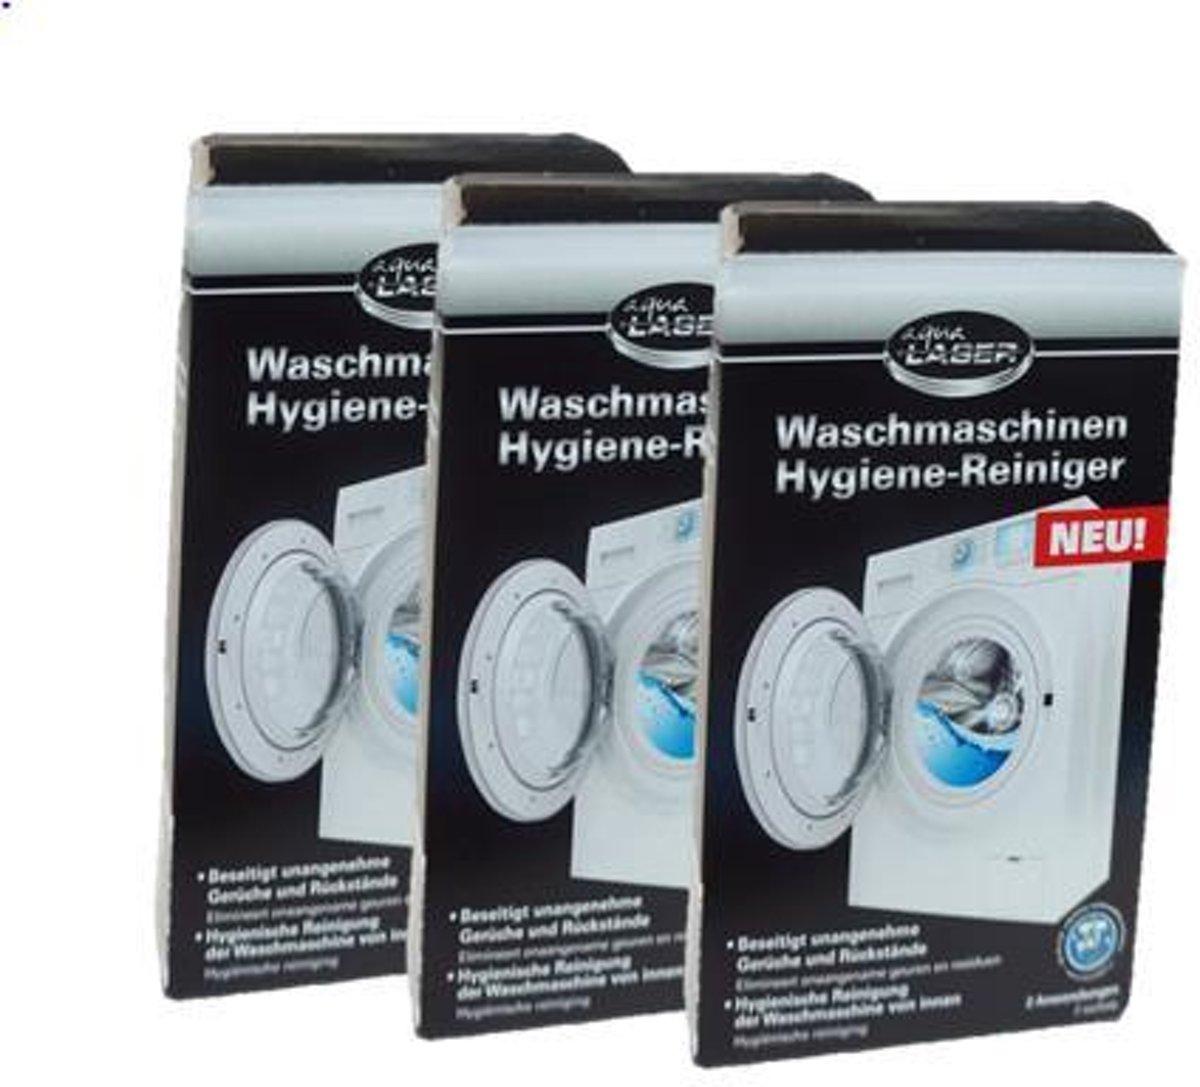 Wasmachine hygienereiniger - Aqua Laser kopen